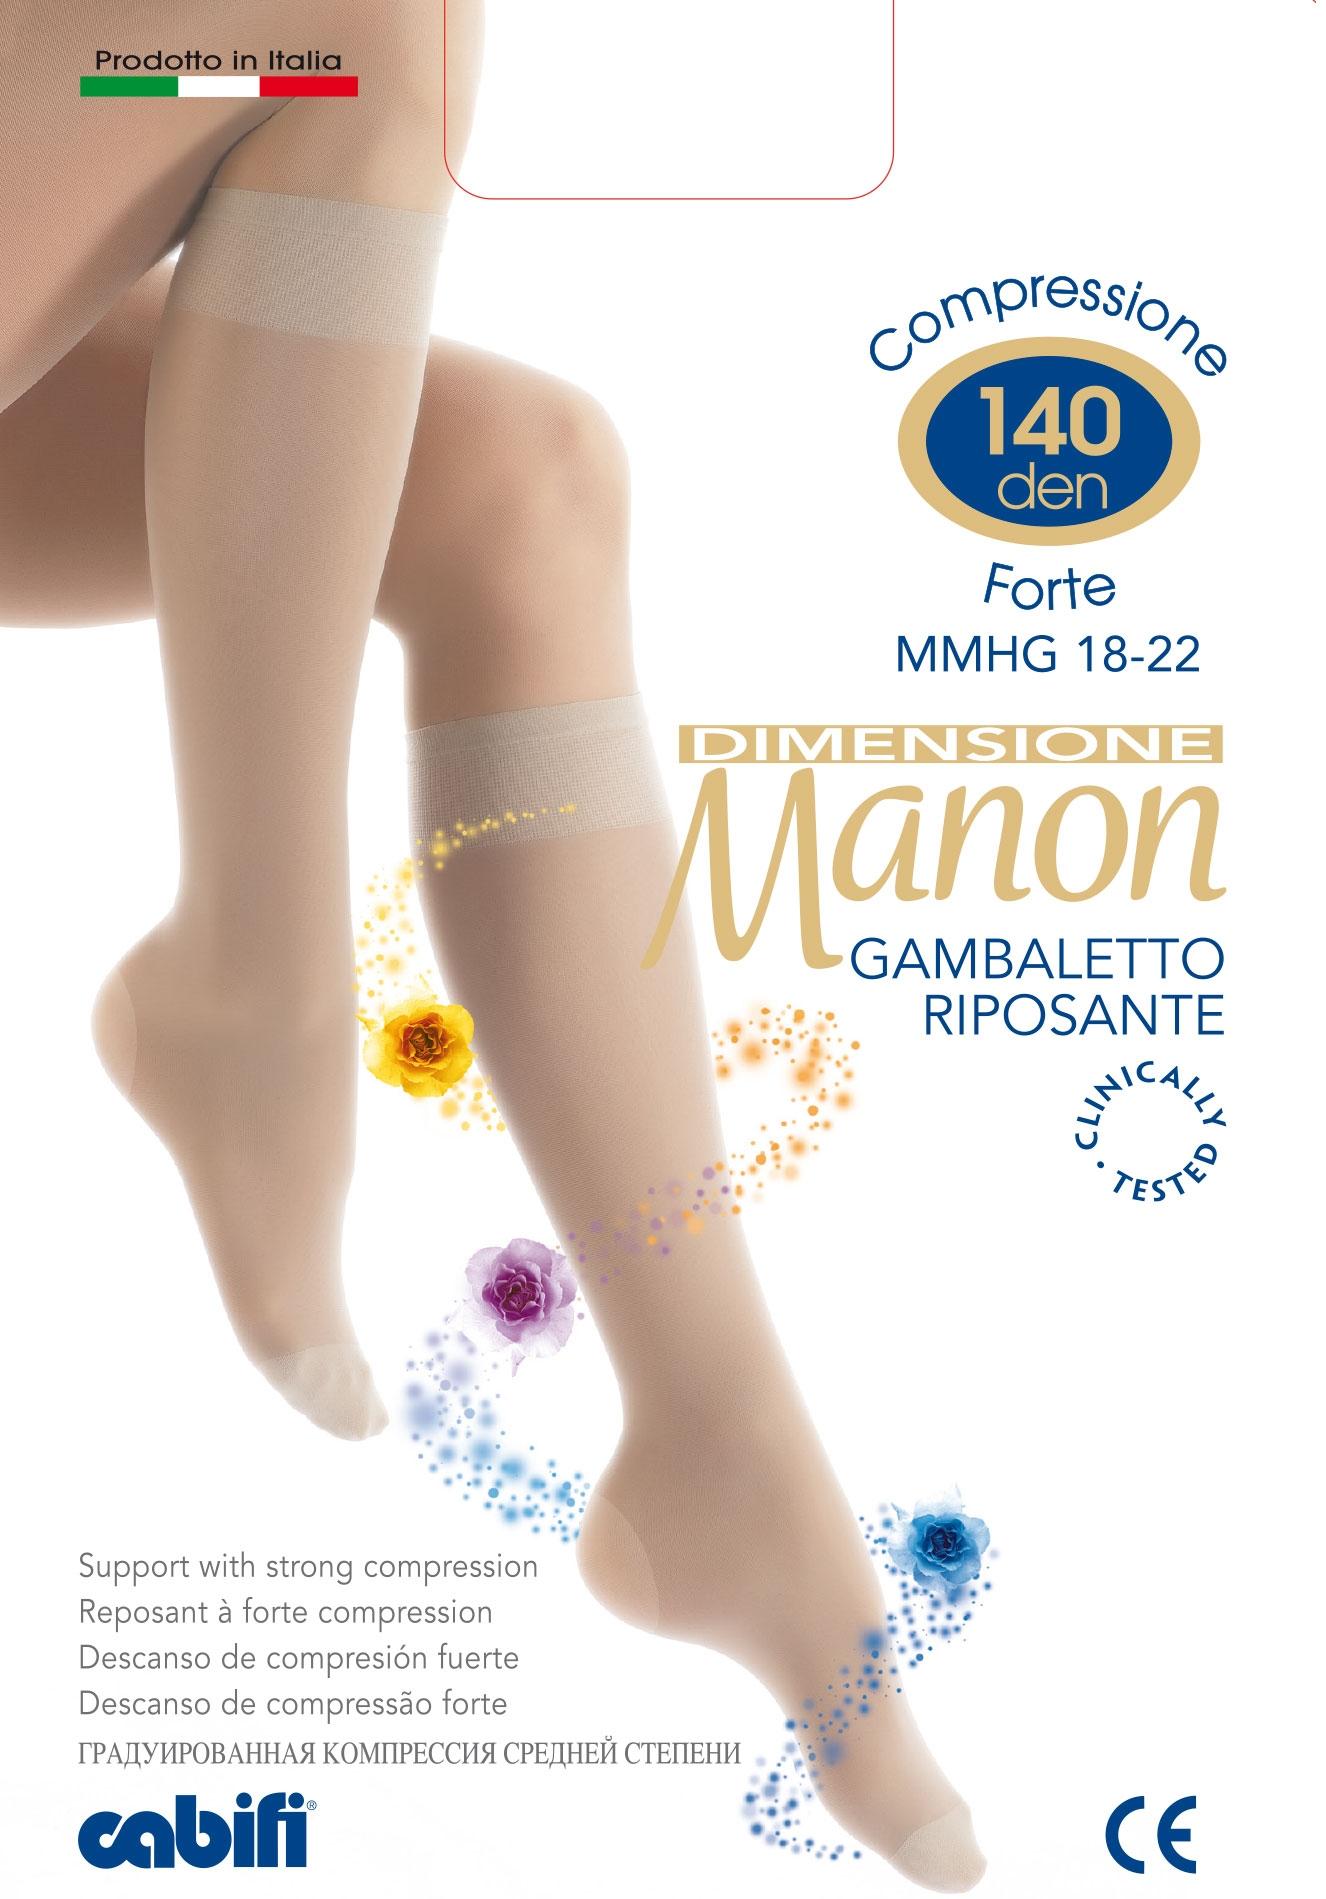 COLLANT RIPOSANTE SANITARIA CABIFI MANON 140 DENARI A COMPRESSIONE GRADUATA